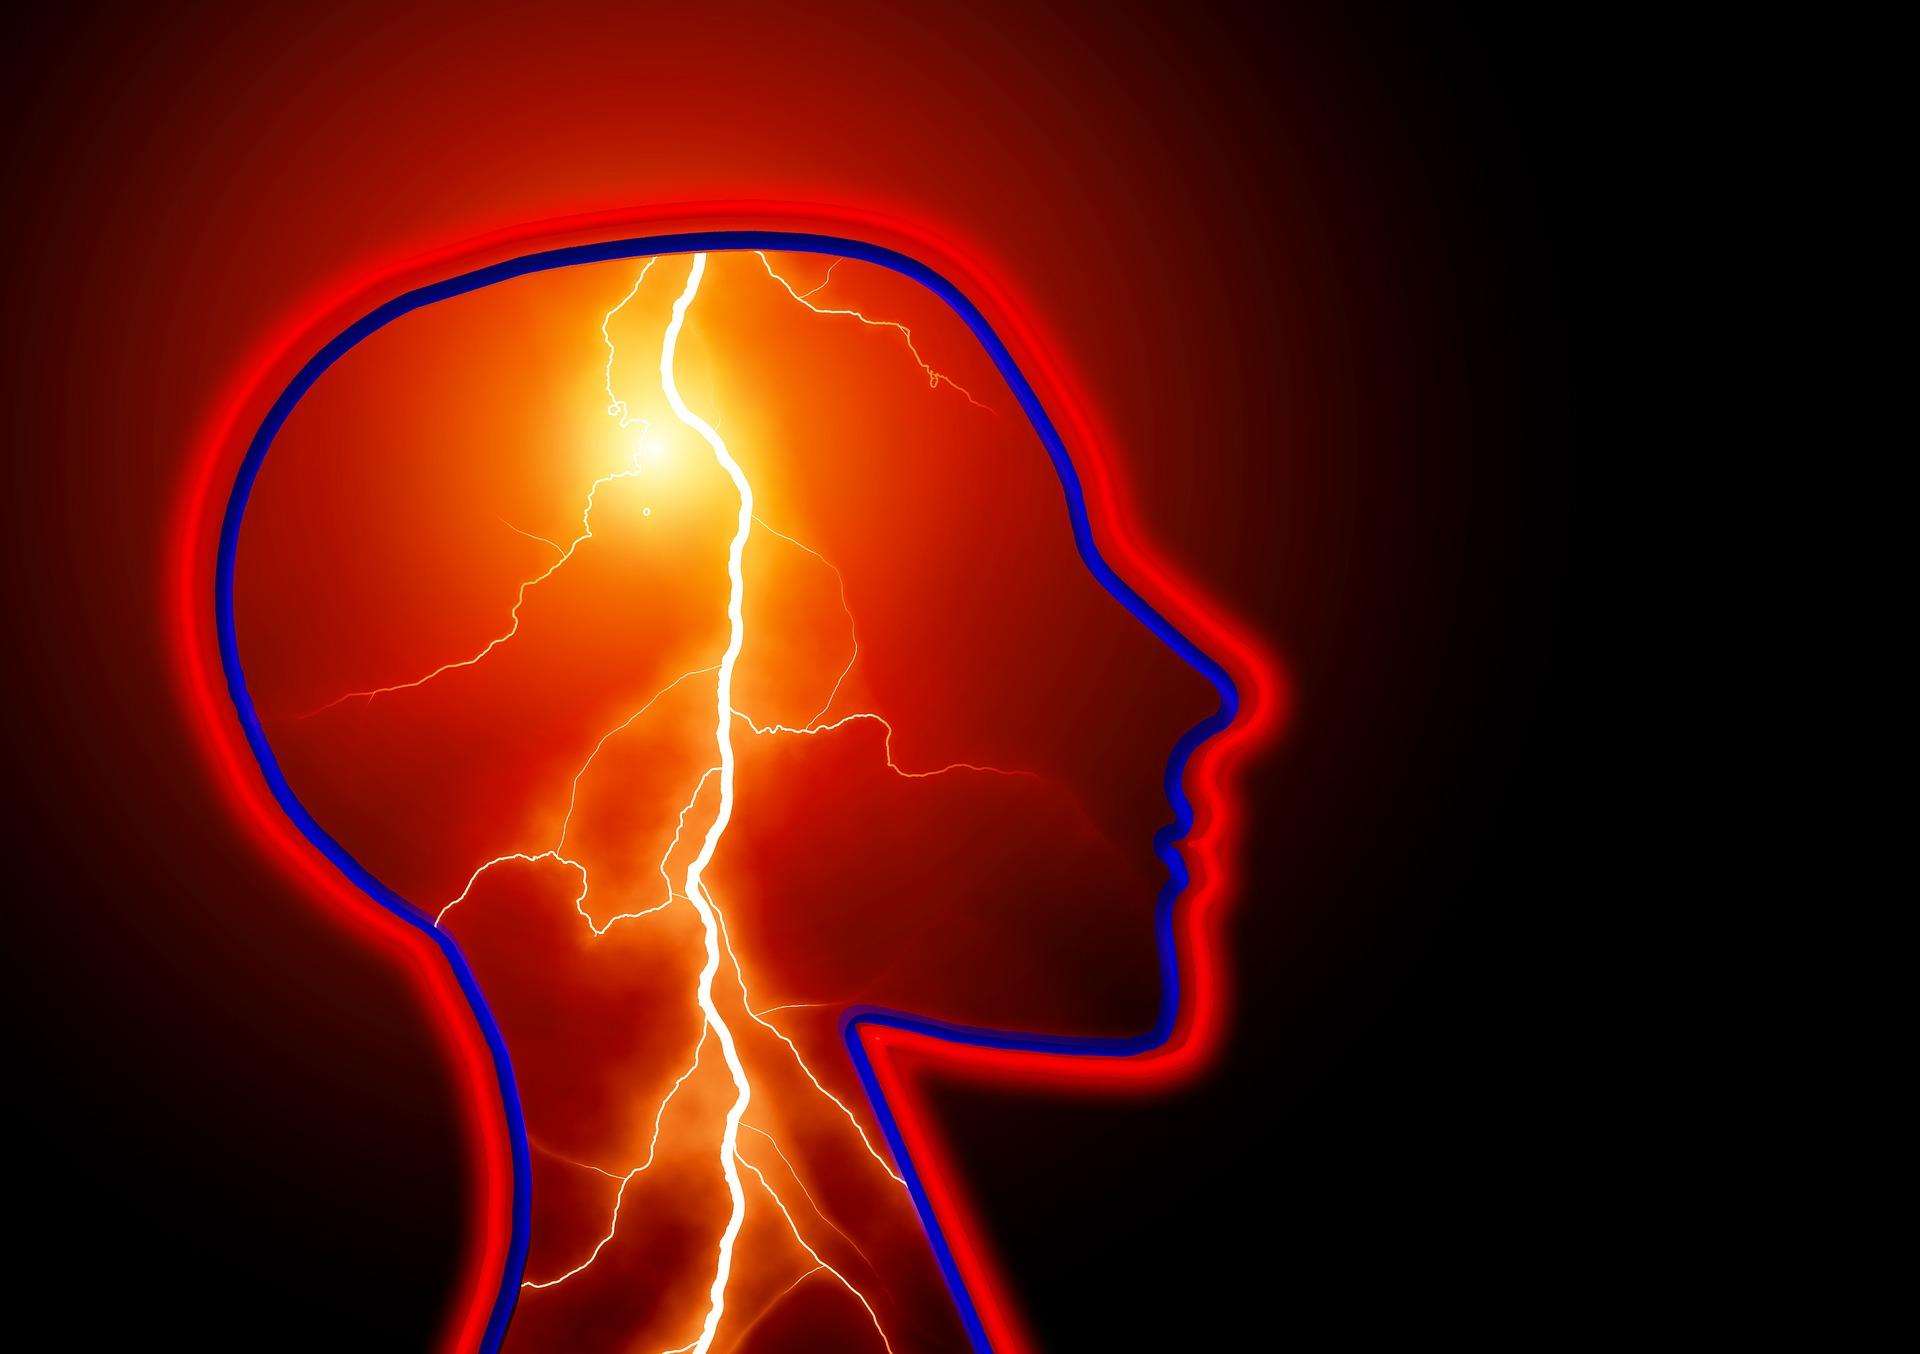 Mozg_Aktywacja_bol_glowy